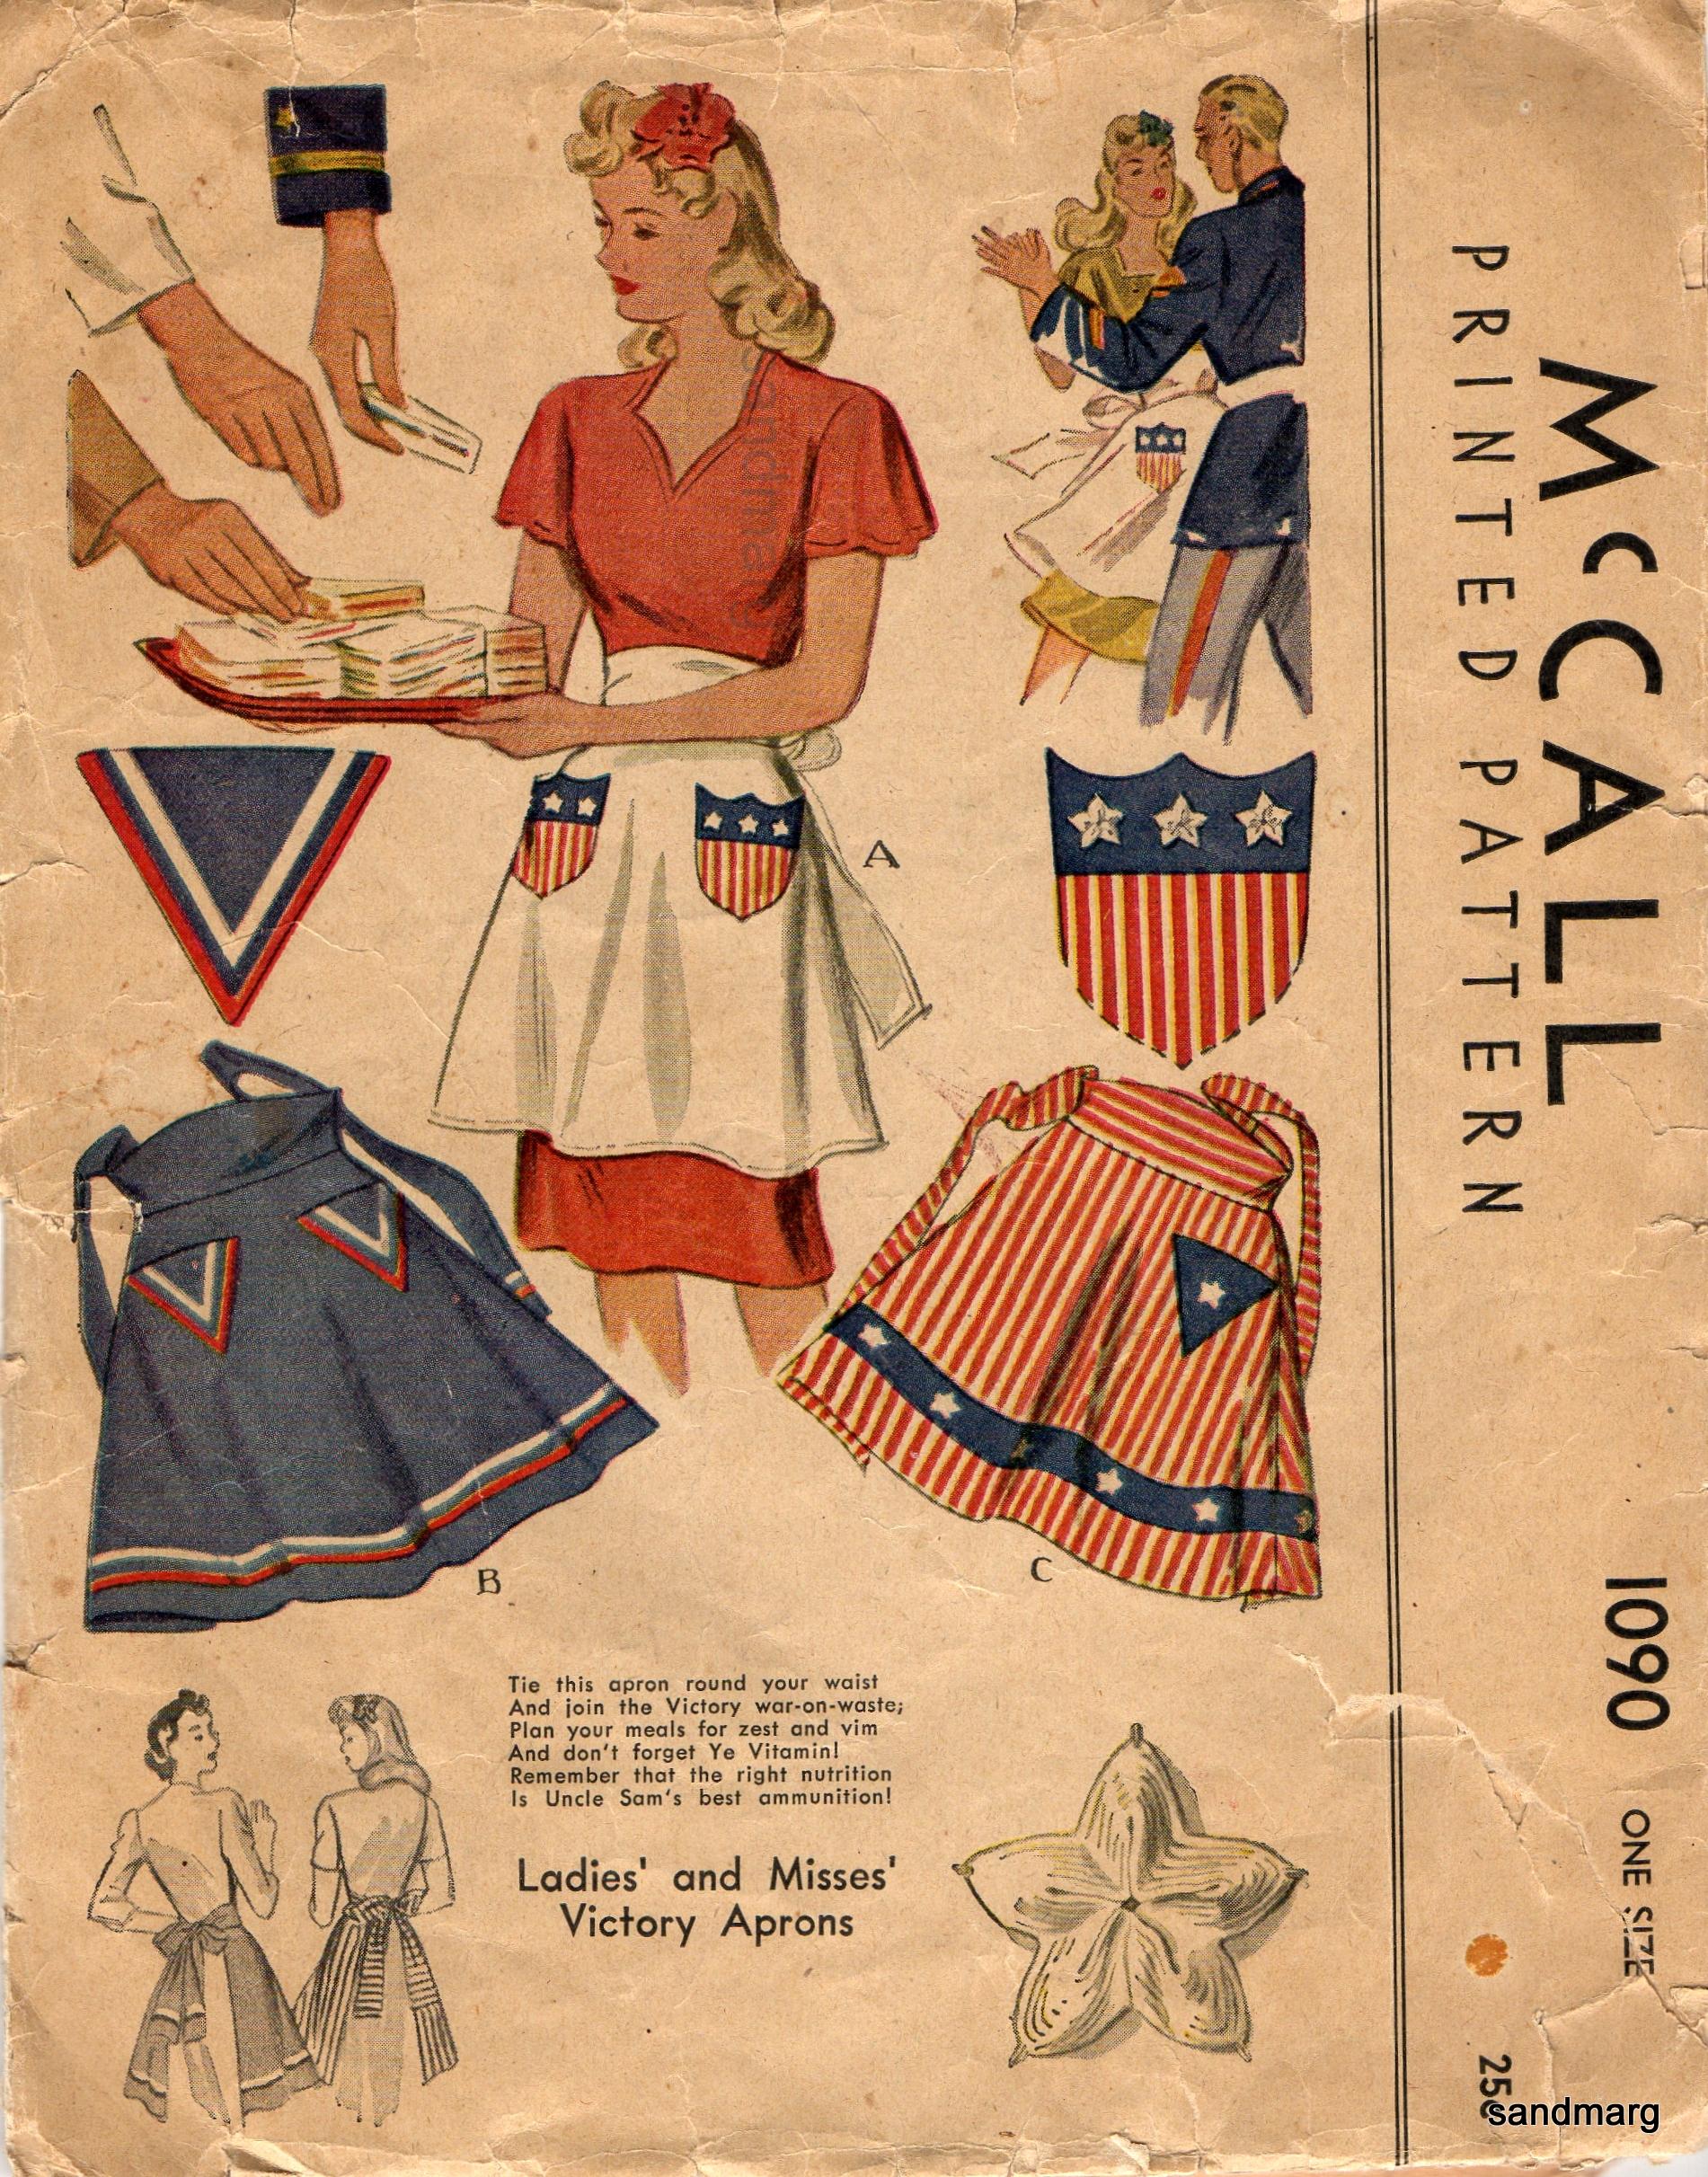 McCall 1090 A